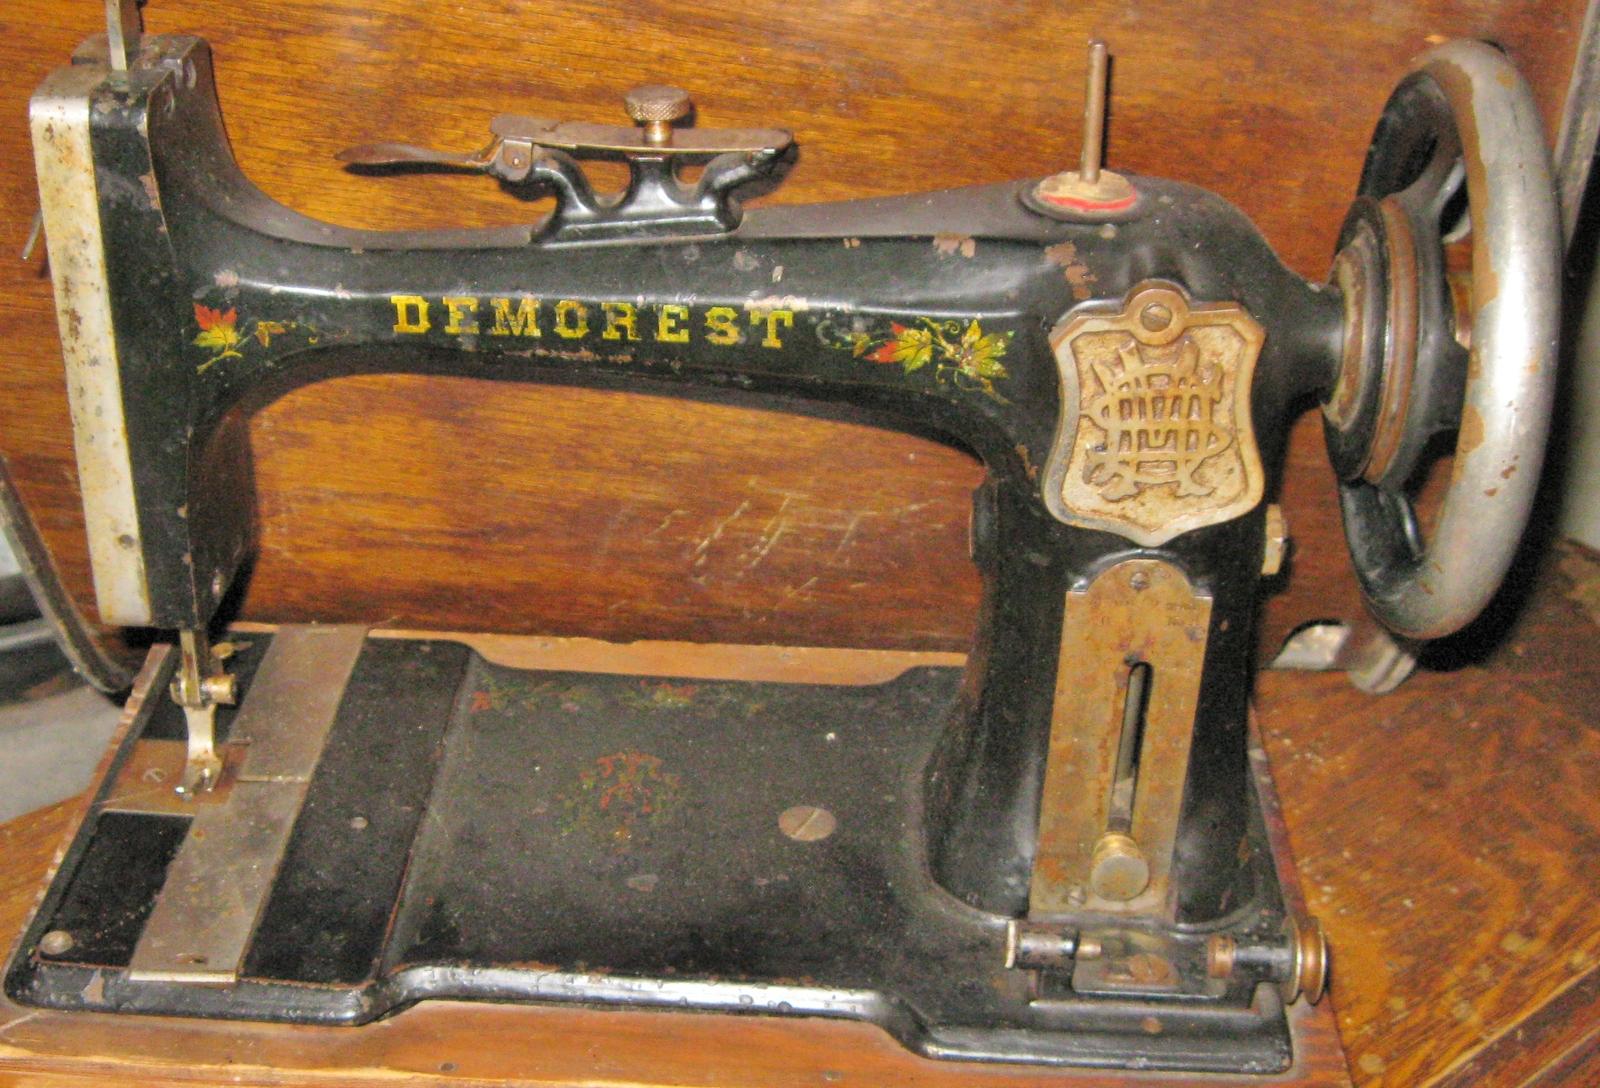 vibrating shuttle sewing machine